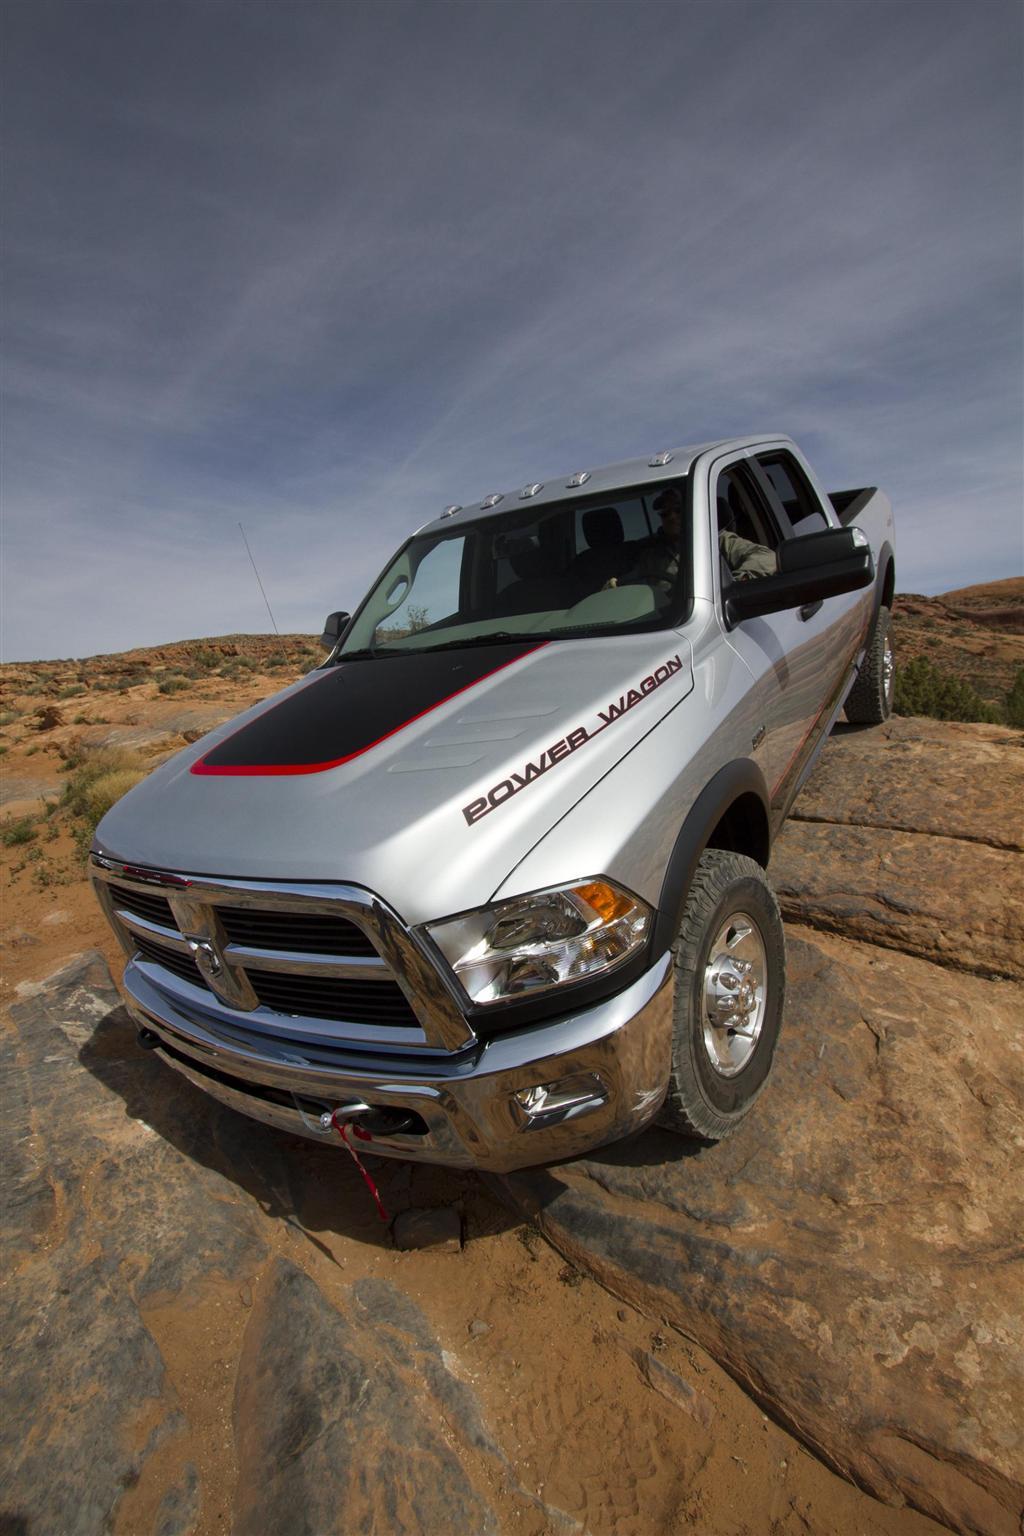 2012 Ram 2500 3500 Heavy Duty Image Https Www